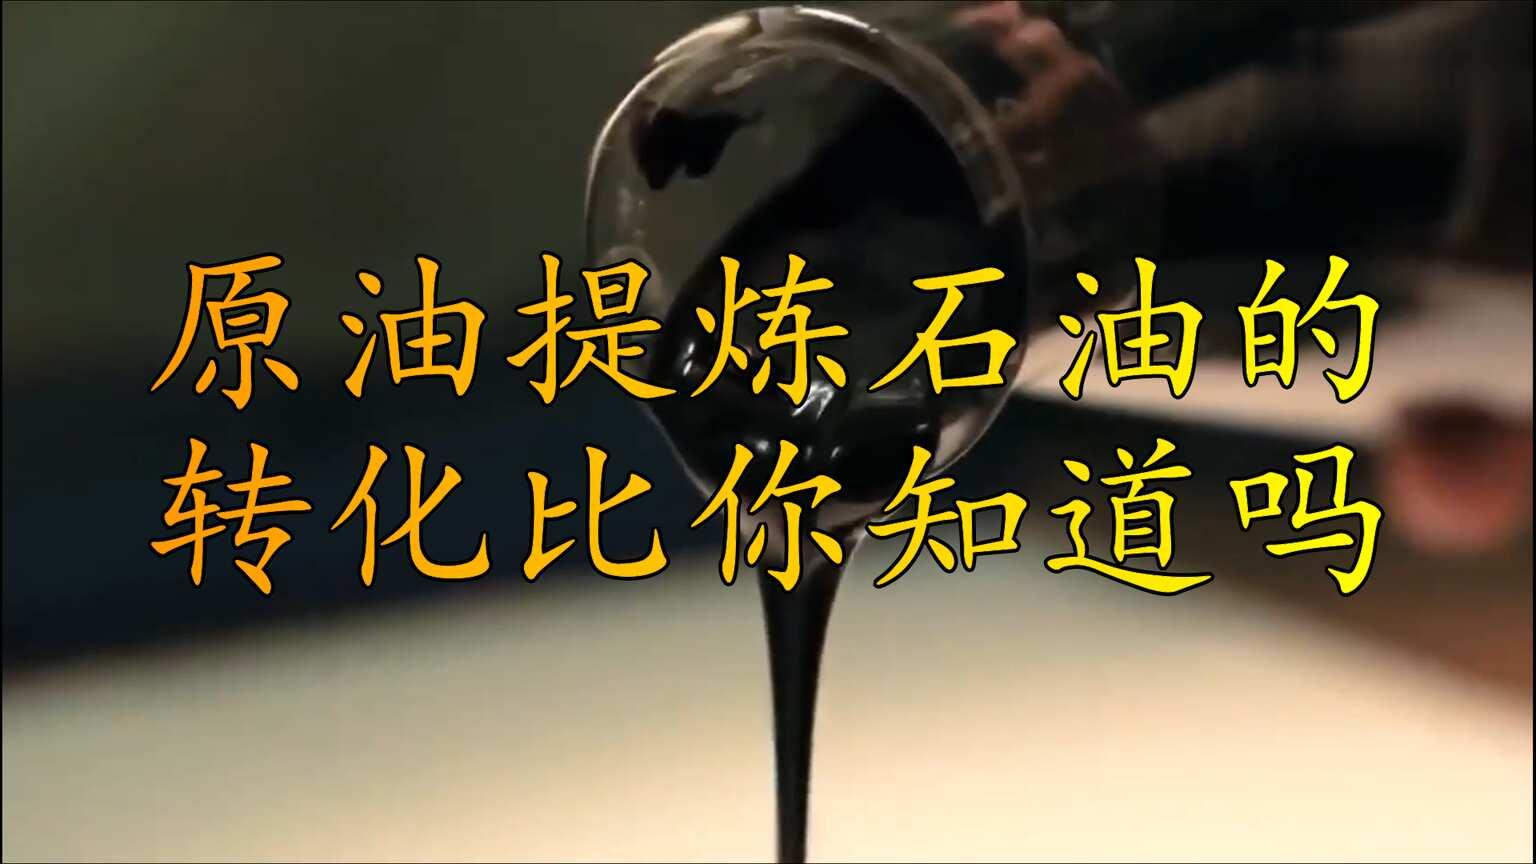 原油提炼石油的转化比你知道吗?原油中能提炼出什么?